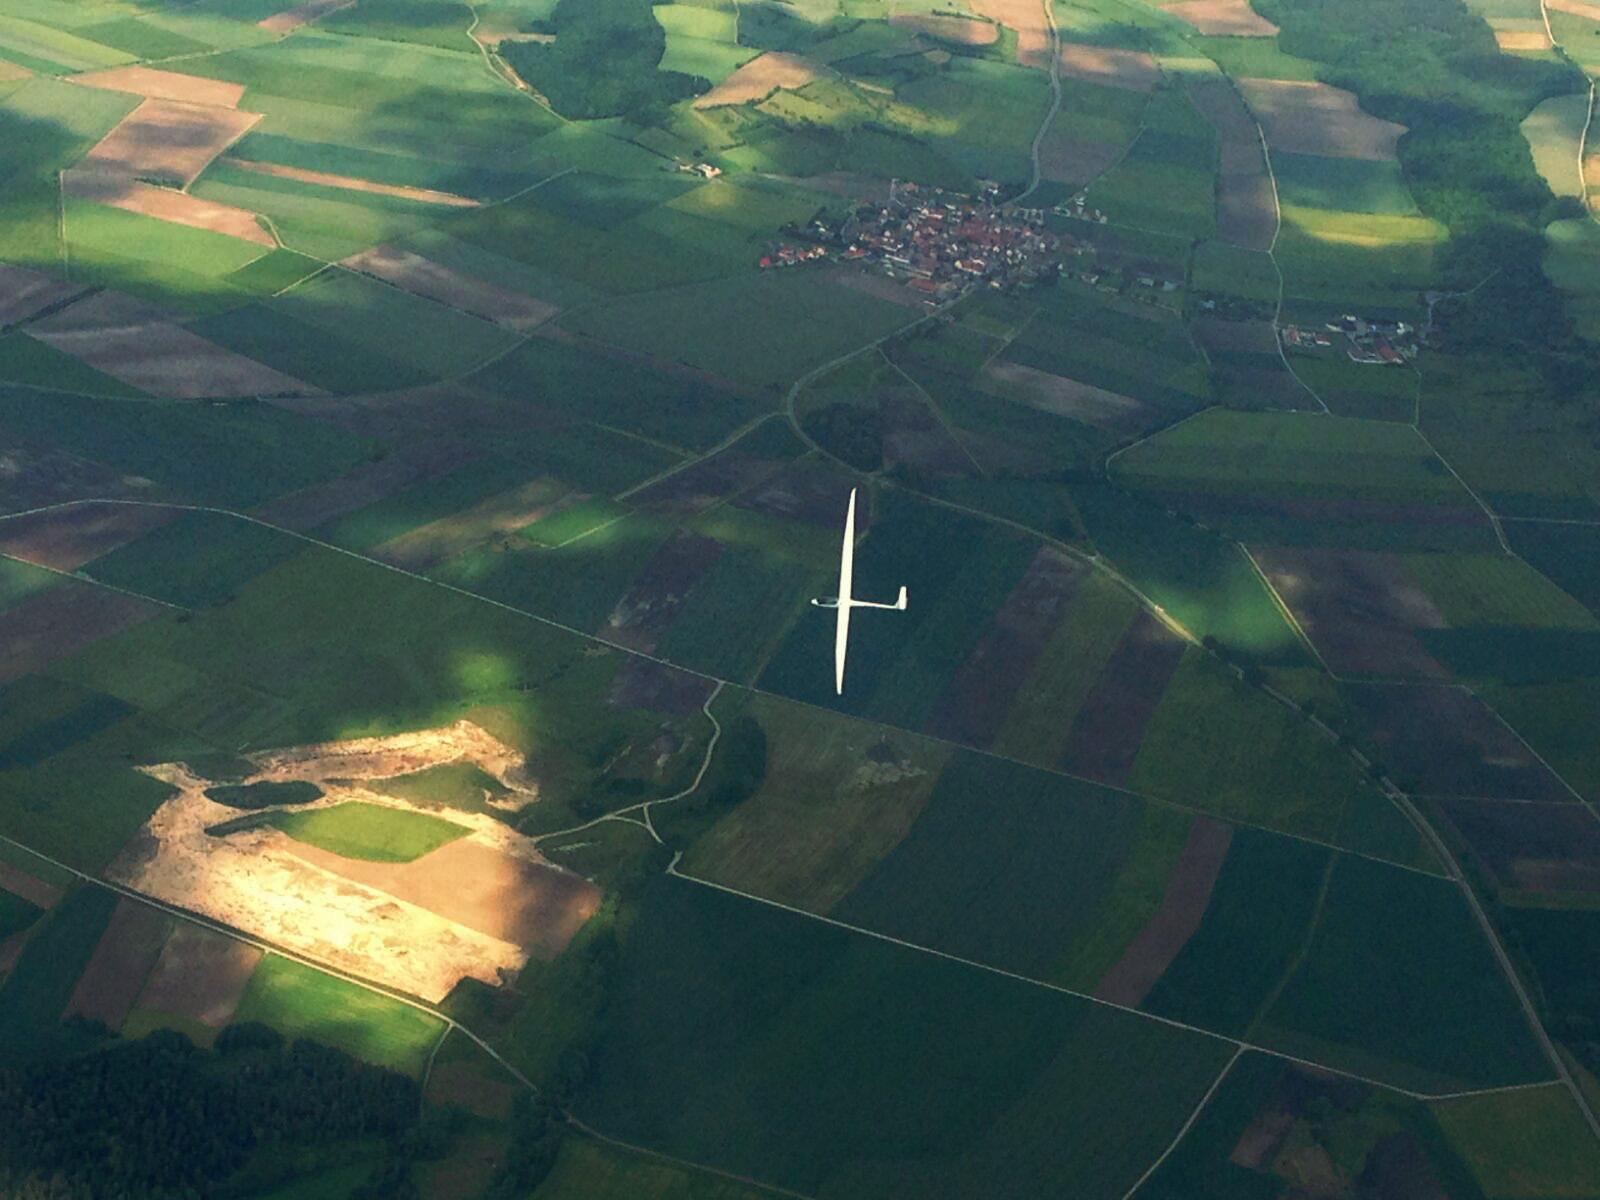 air-to-air: unsere ASW 15 von oben, fotografiert aus einem anderen Flugzeug.